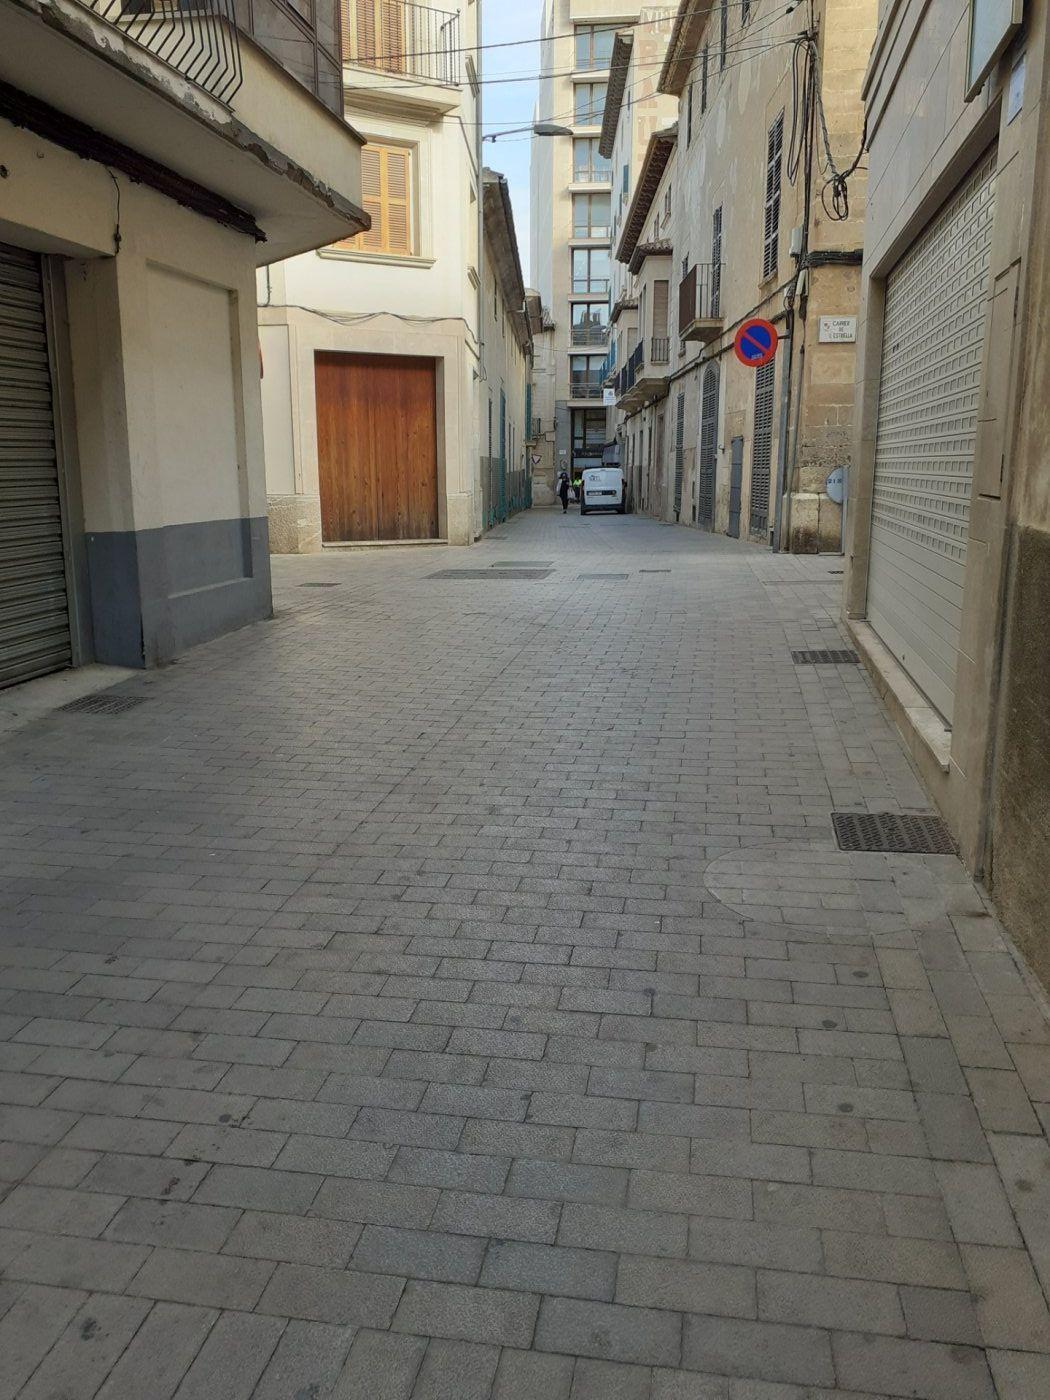 Local comercial en el centro de manacor - imagenInmueble3